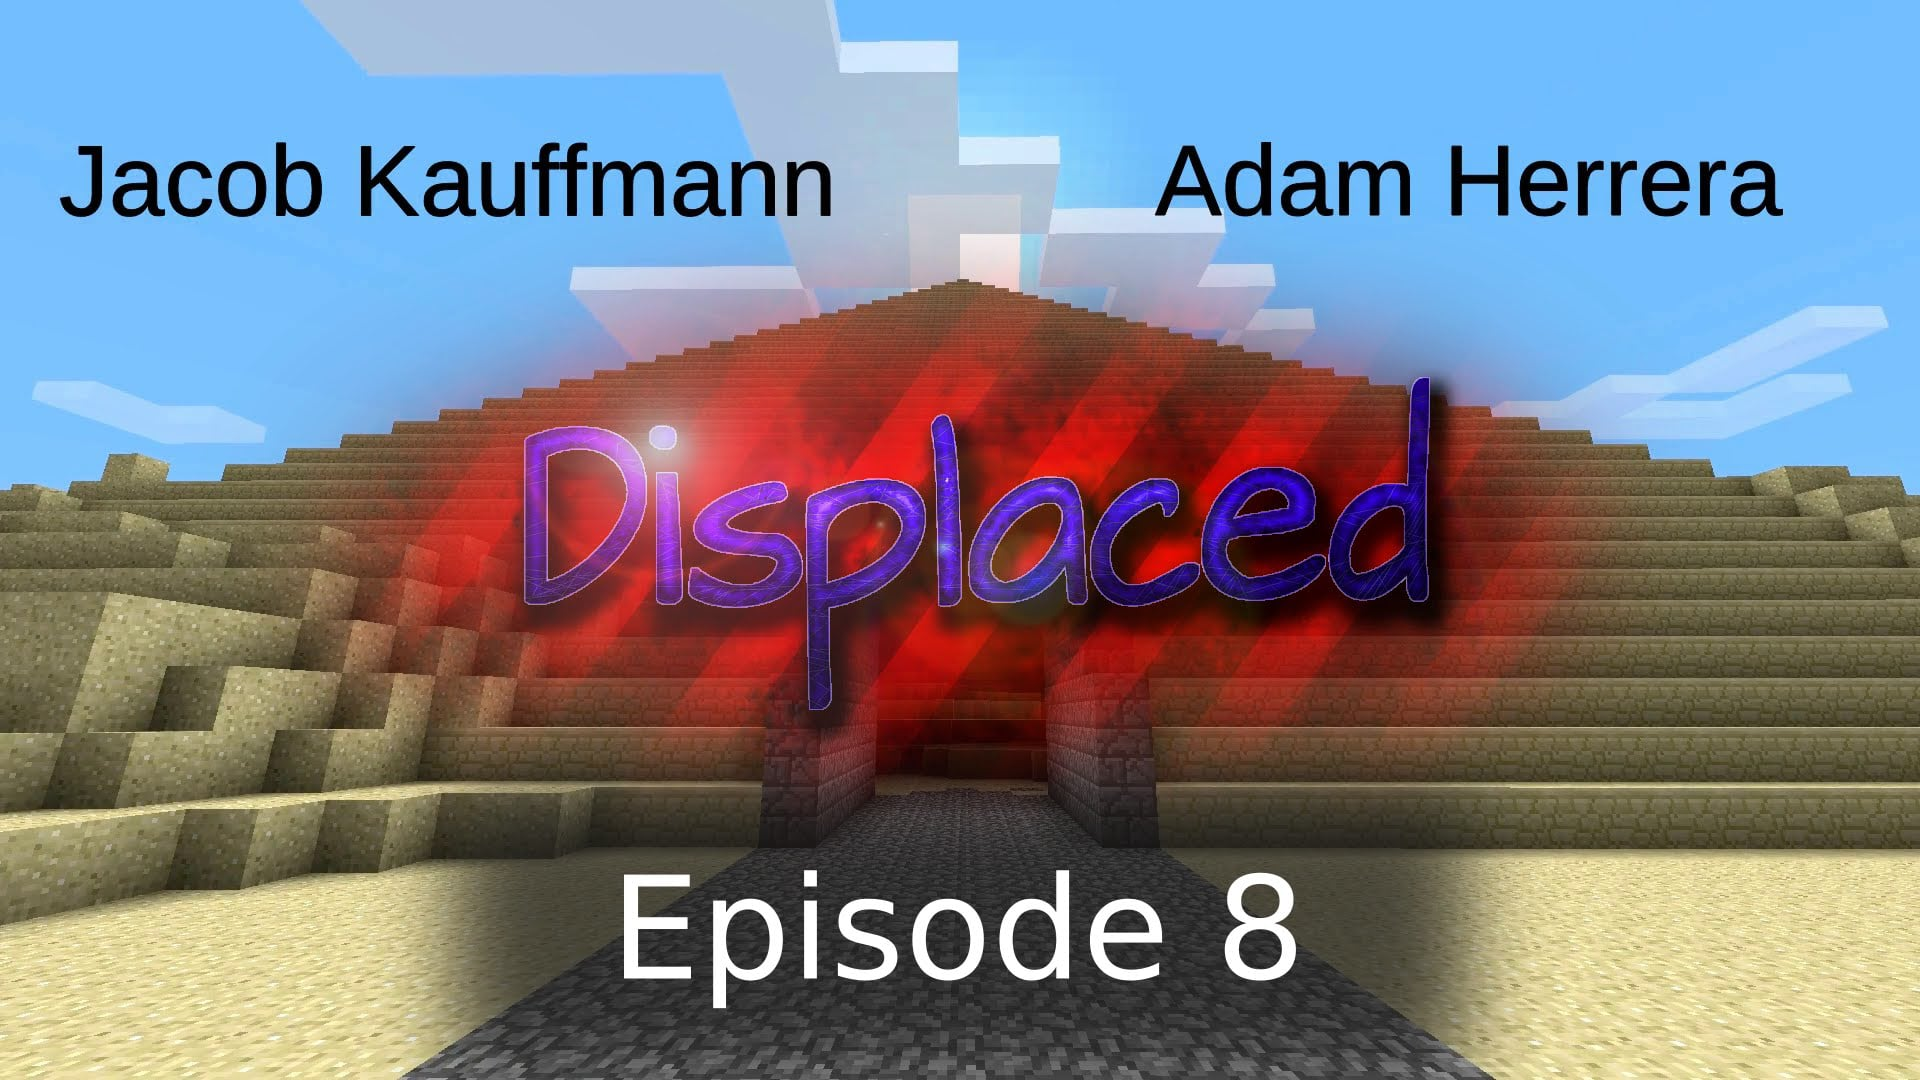 Episode 8 - Displaced